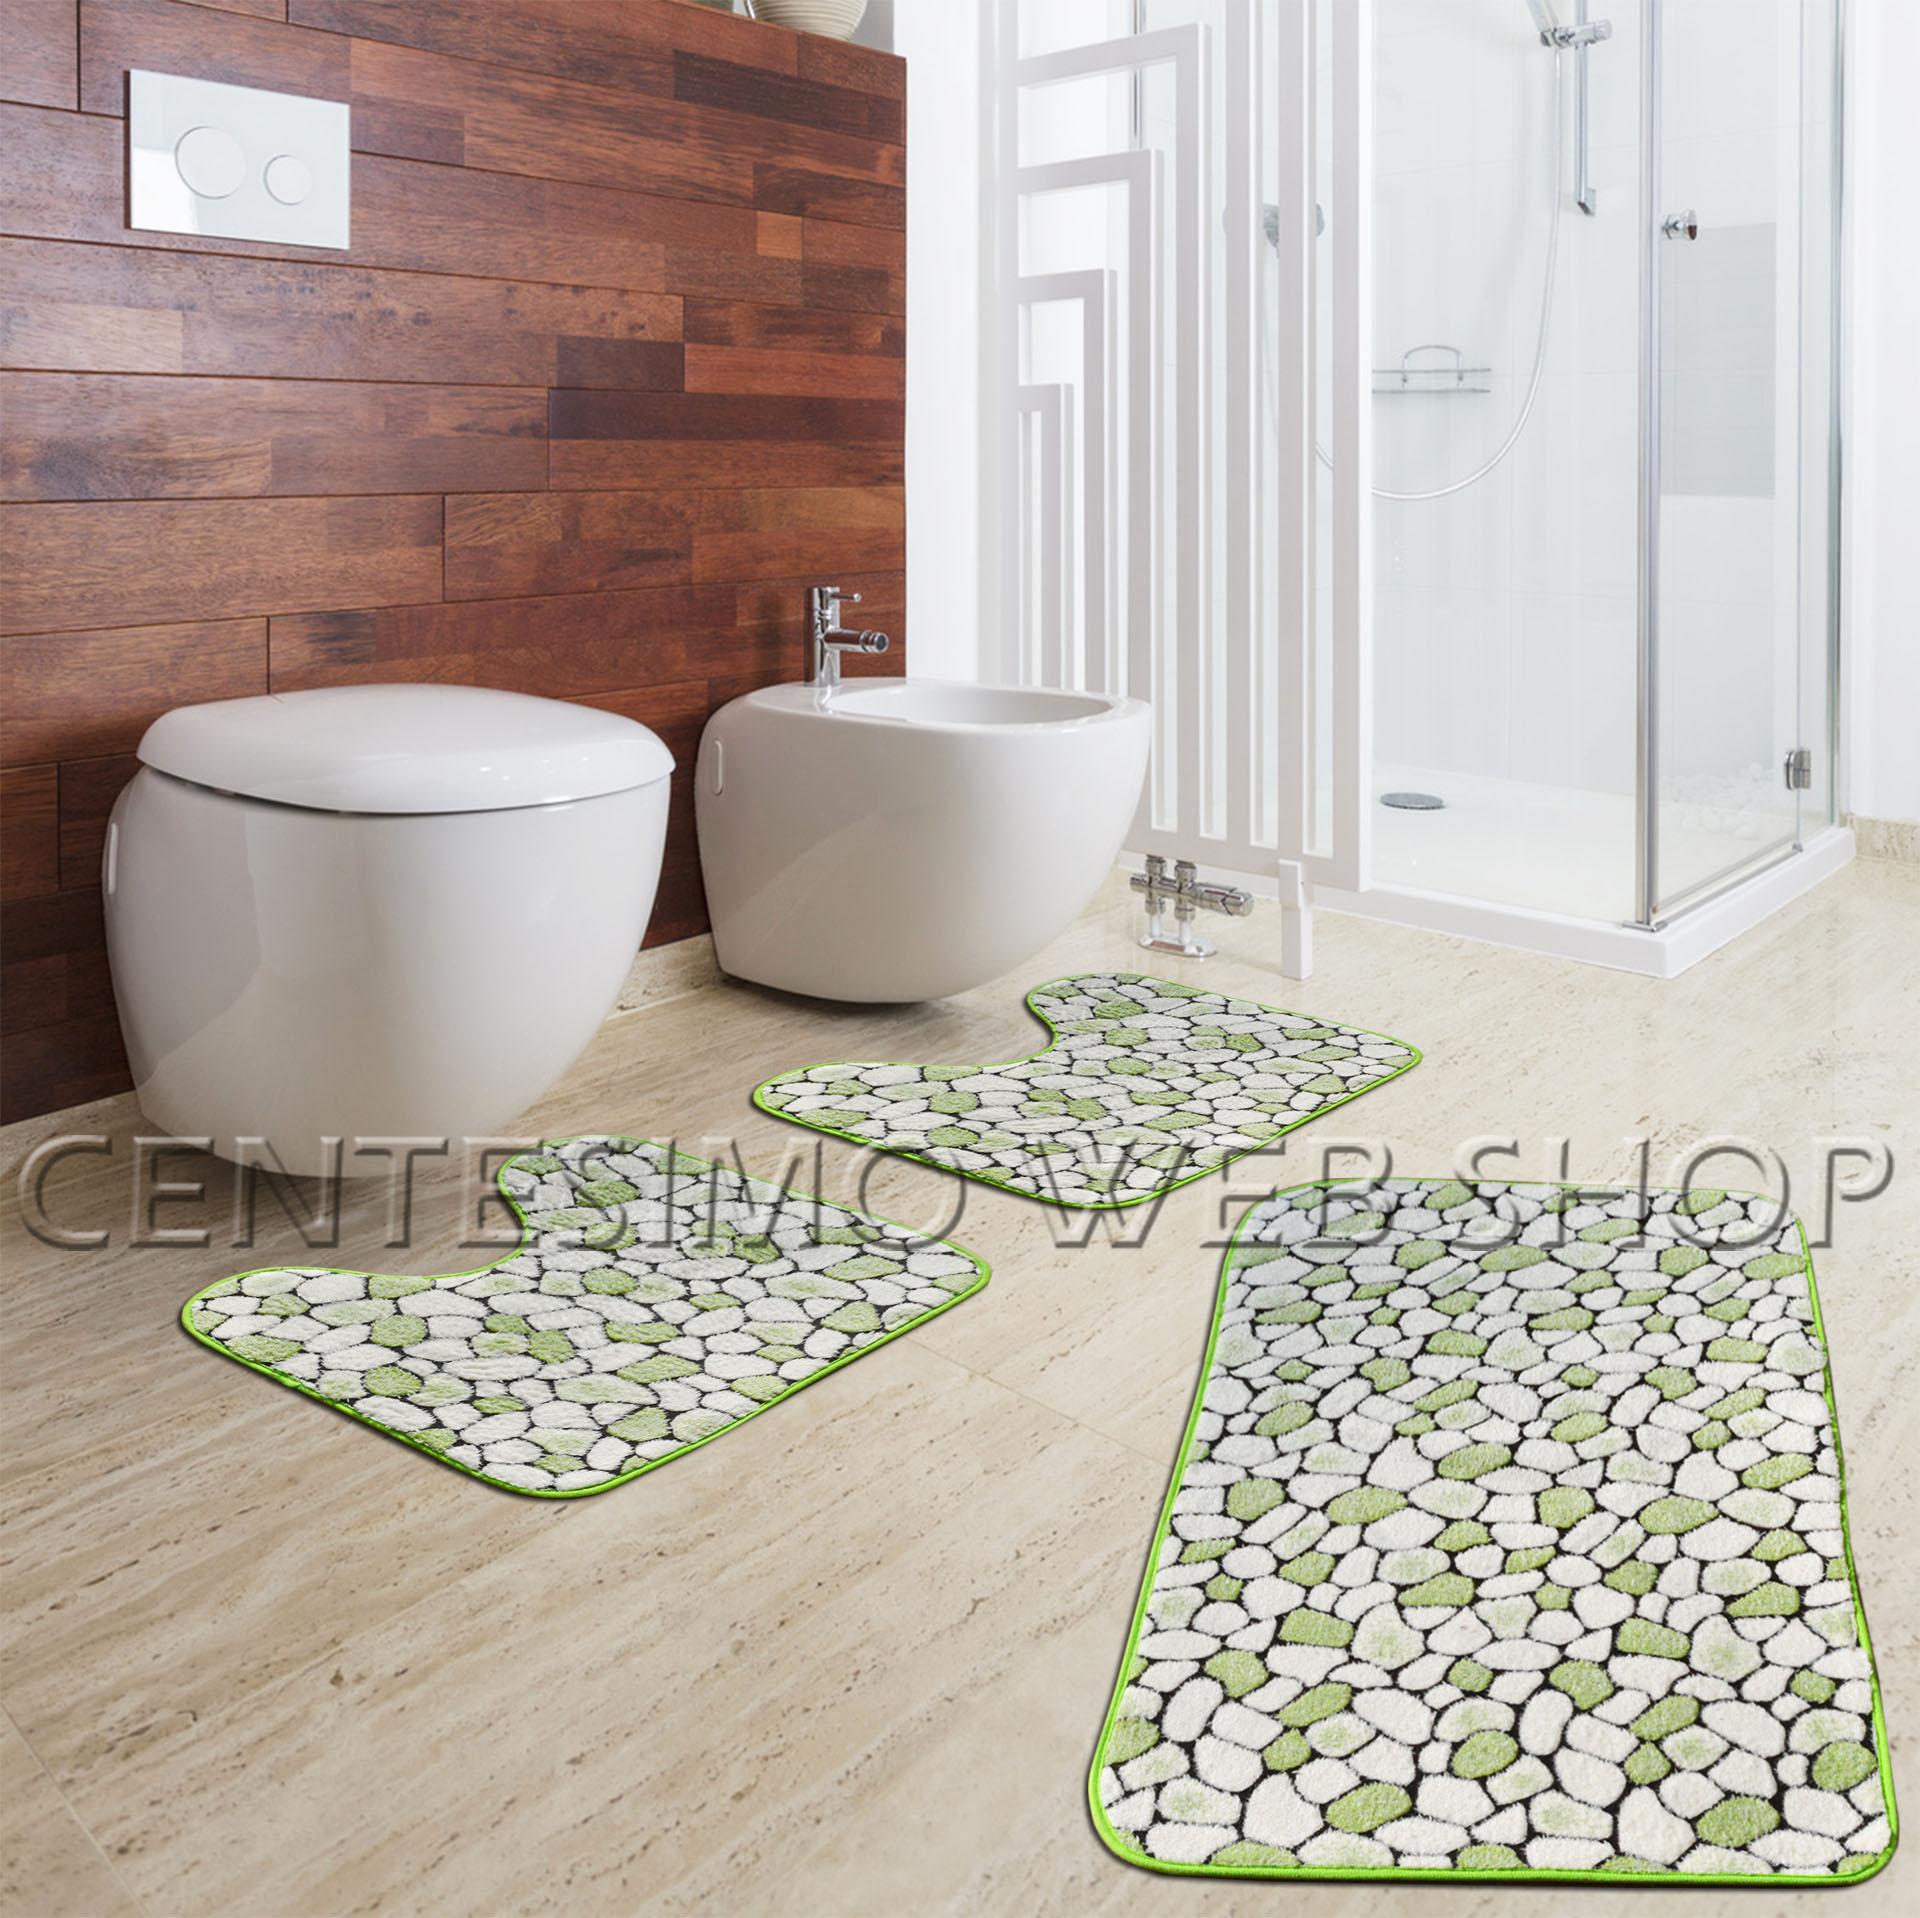 Tappeto verde bagno casamia idea di immagine - Paracchi tappeti bagno ...